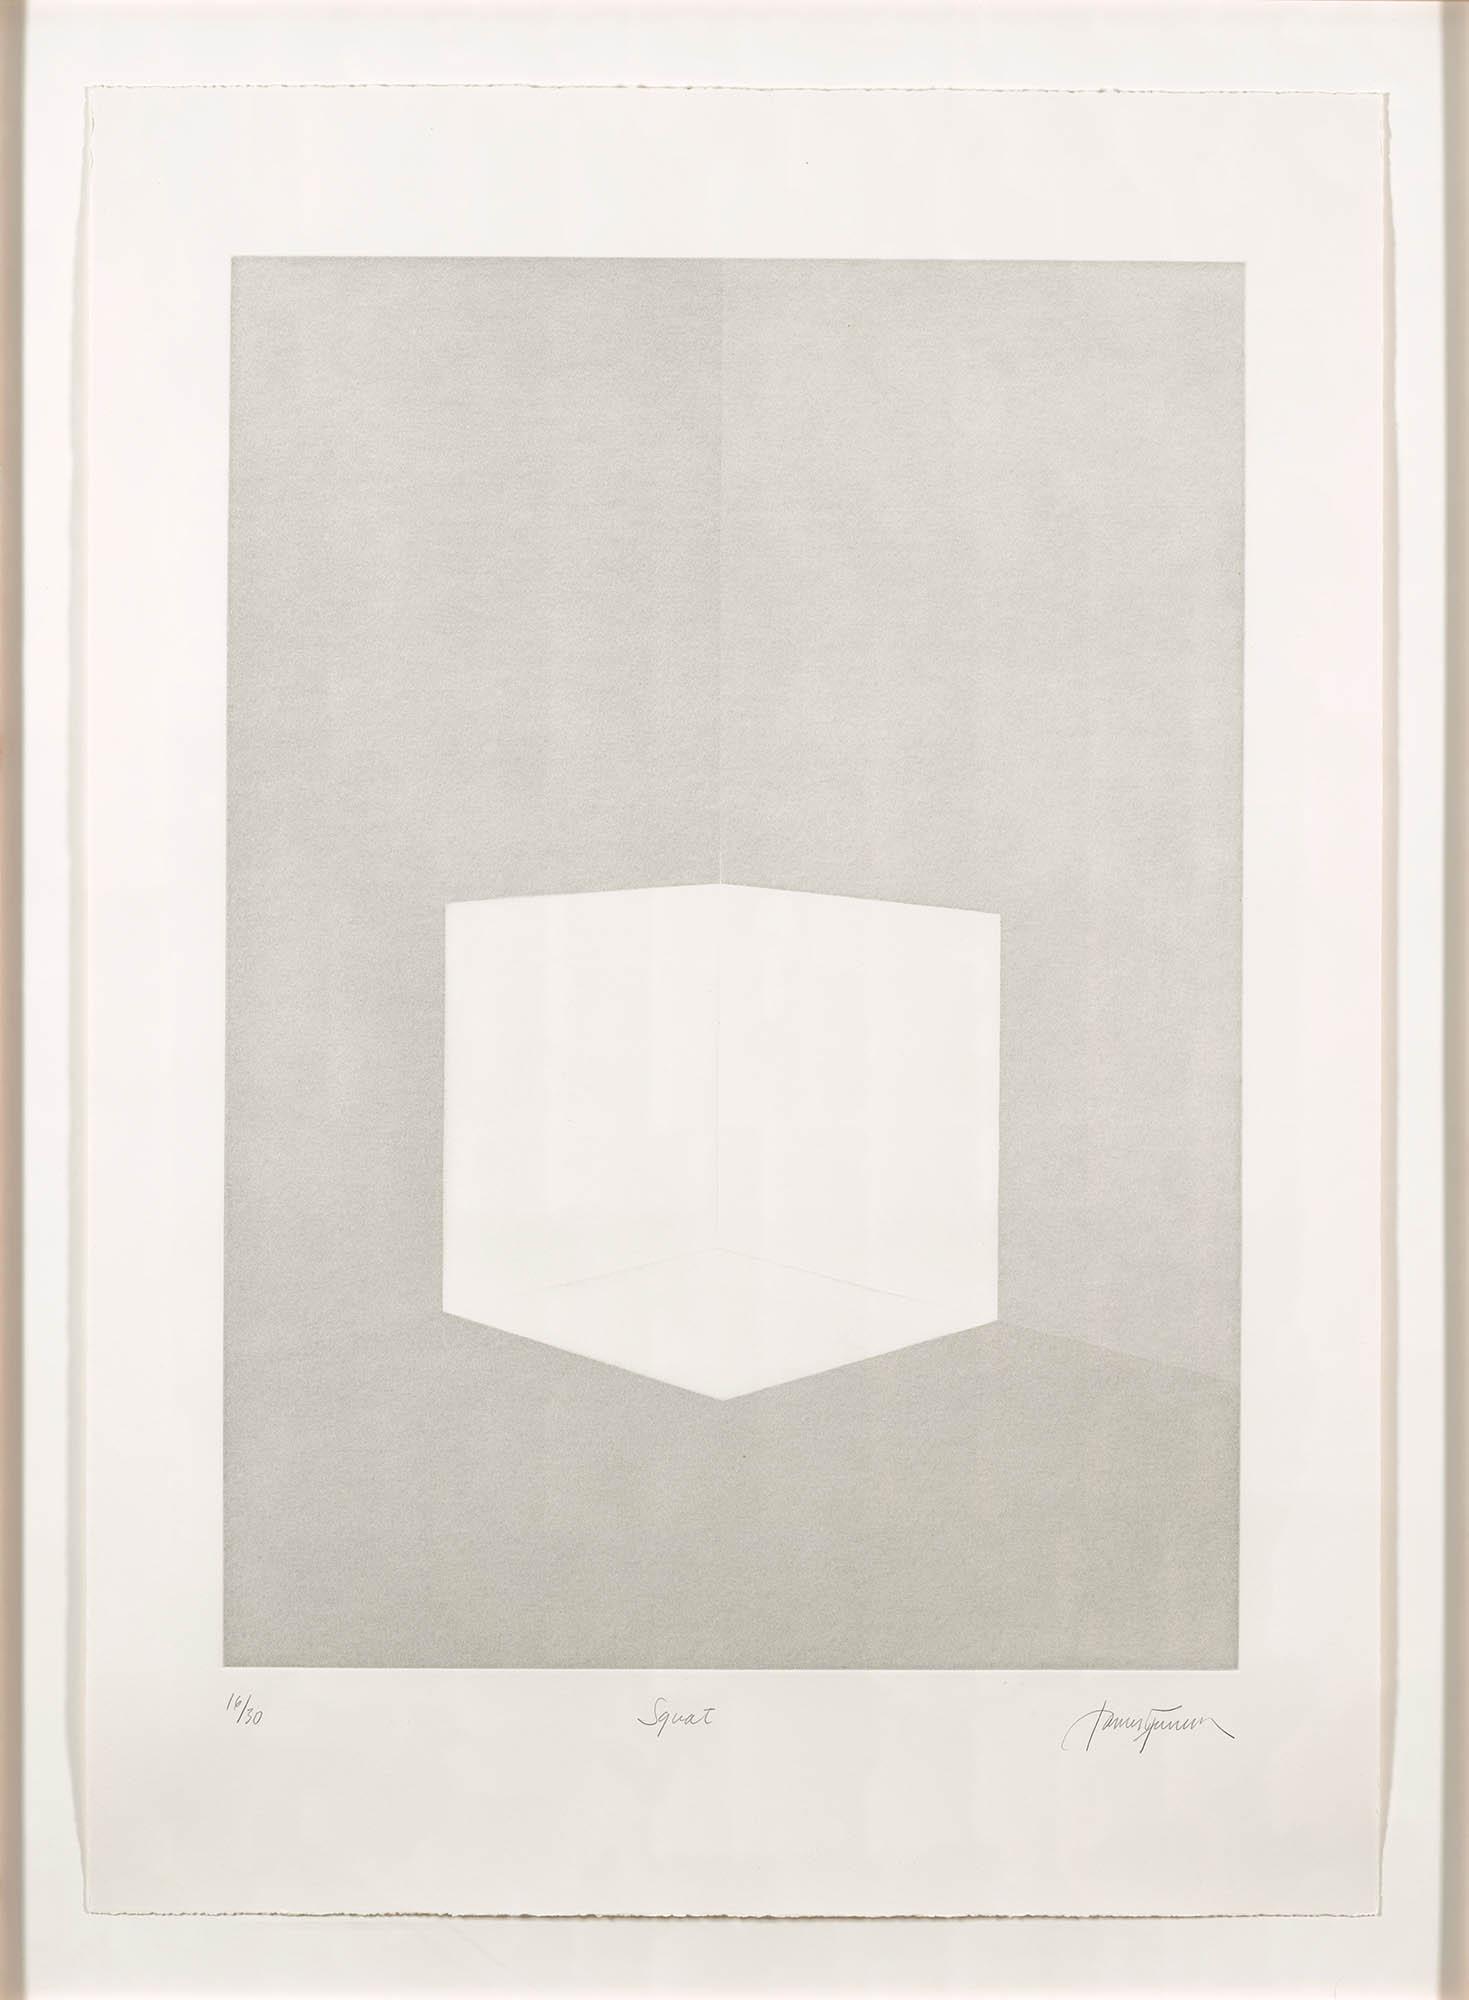 """James Turrell, Squat (from """"Still Light"""" Series), 1990/91"""